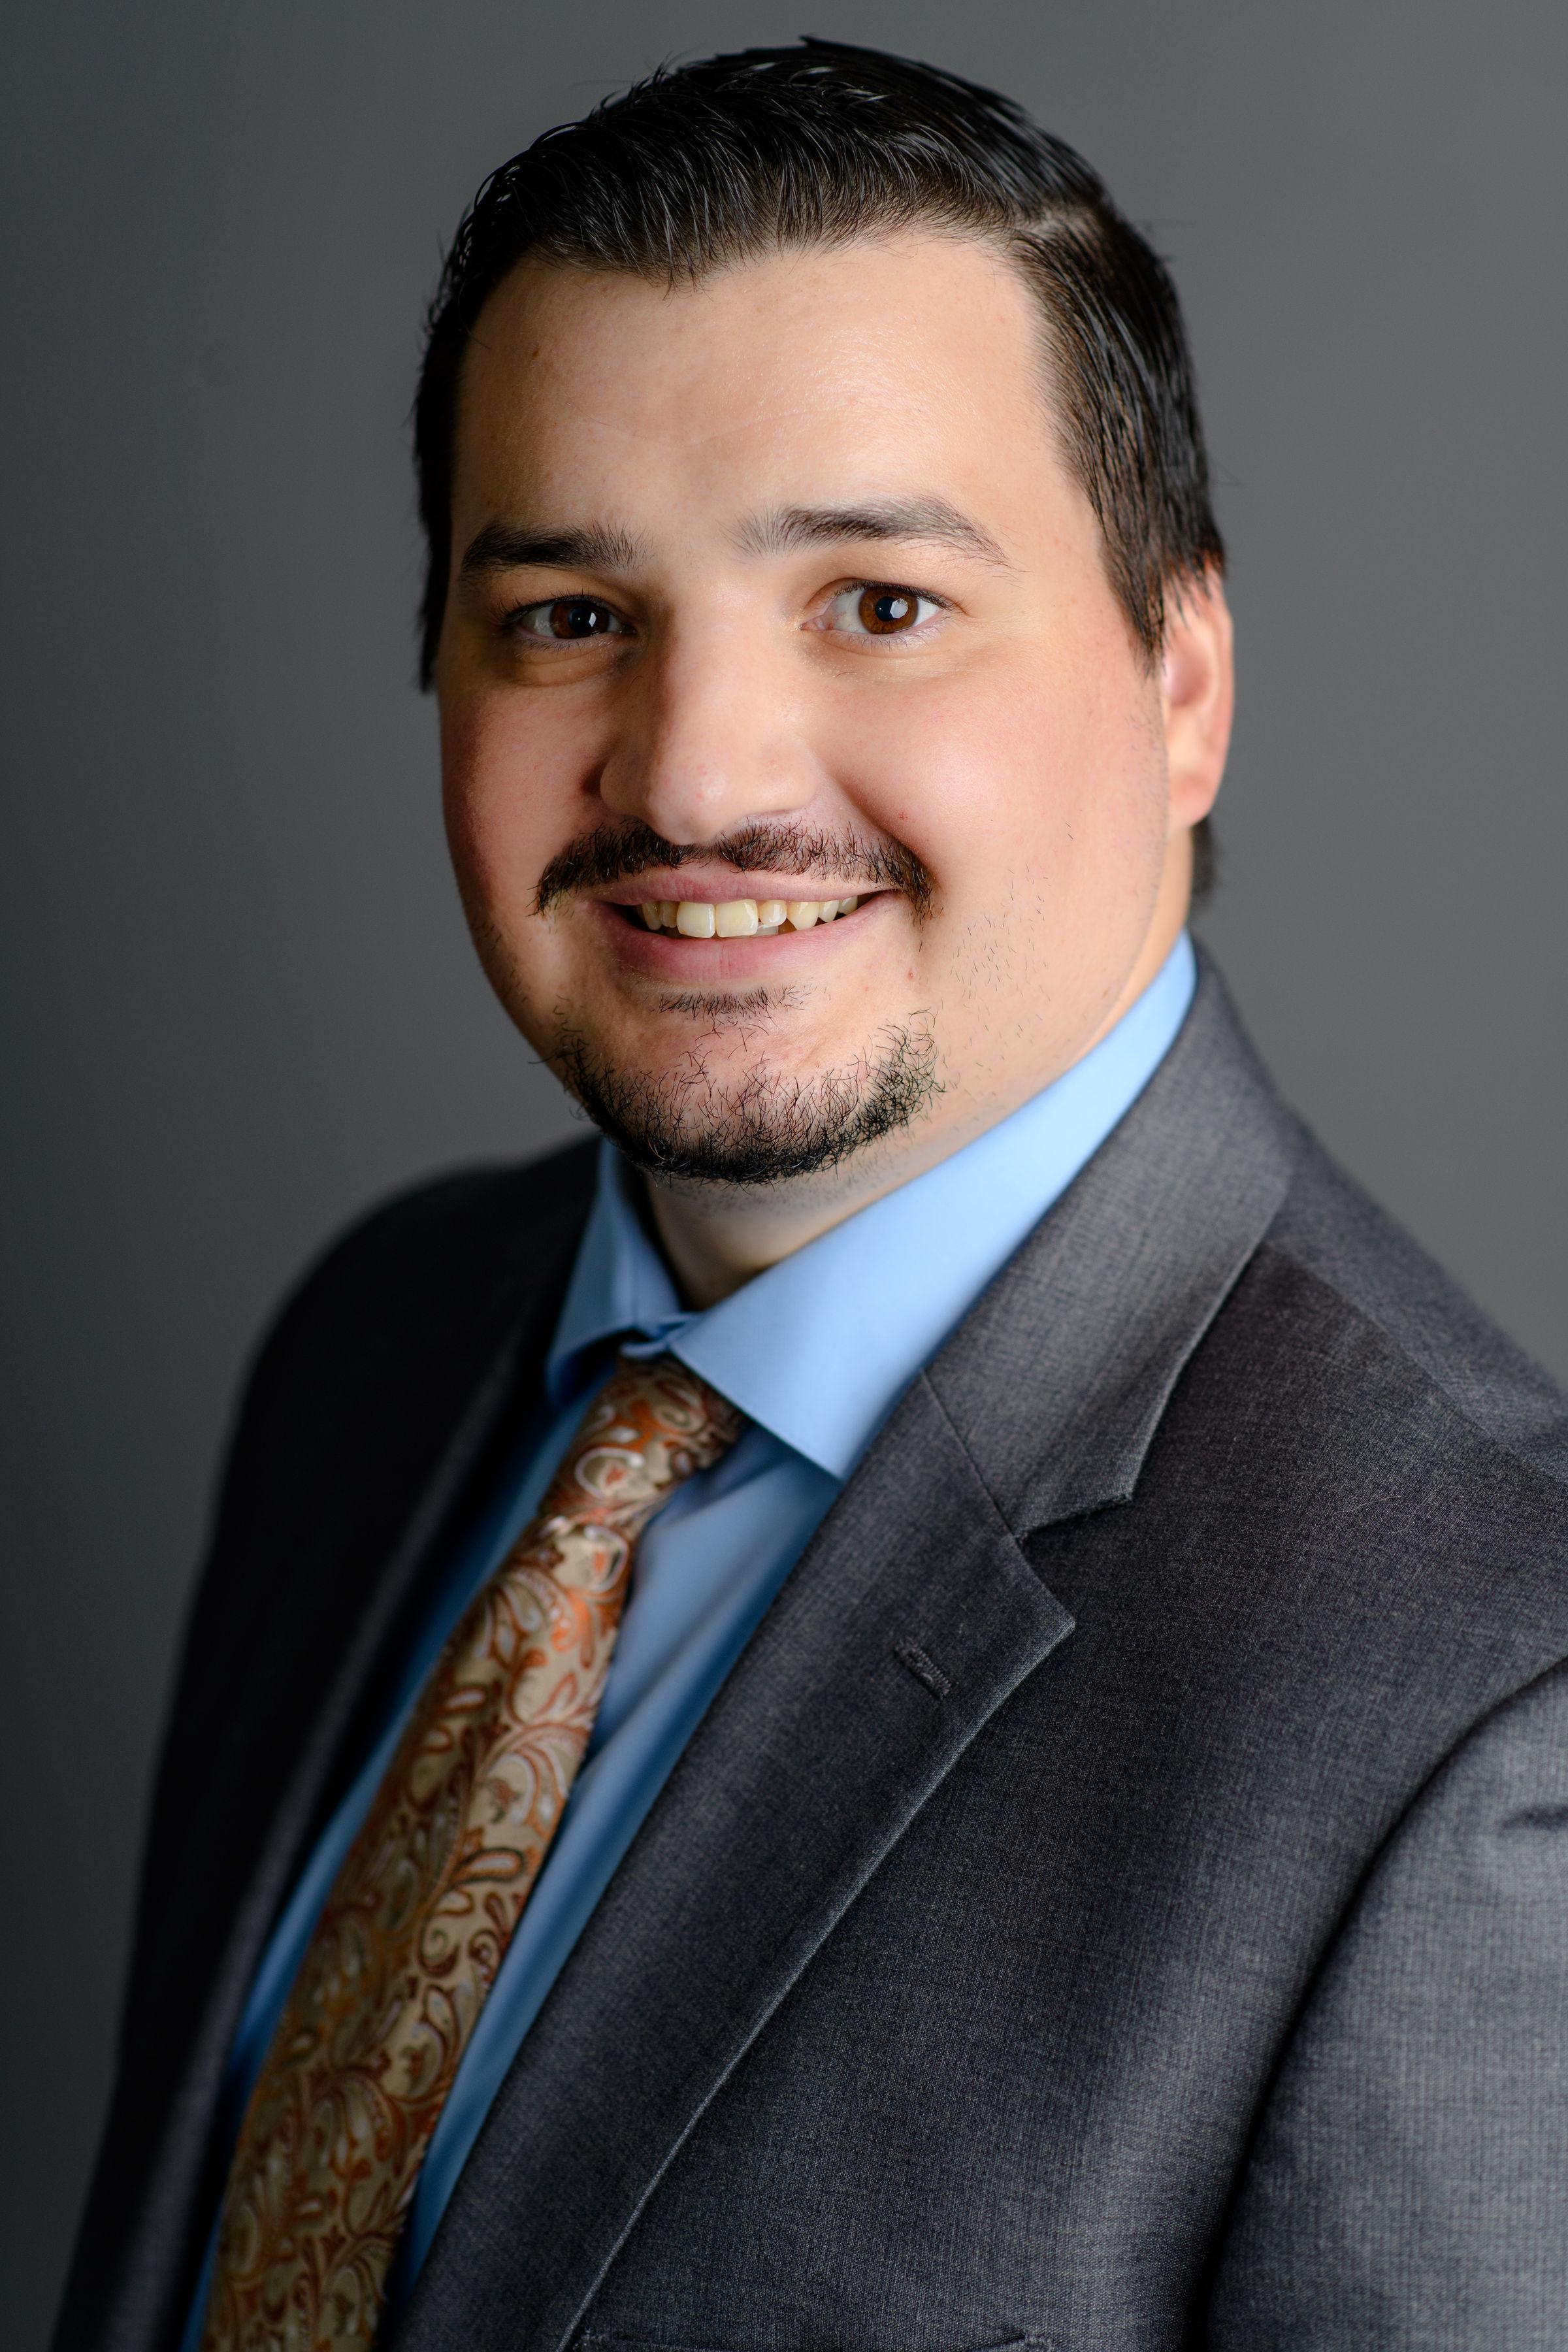 Michael Hassett - President